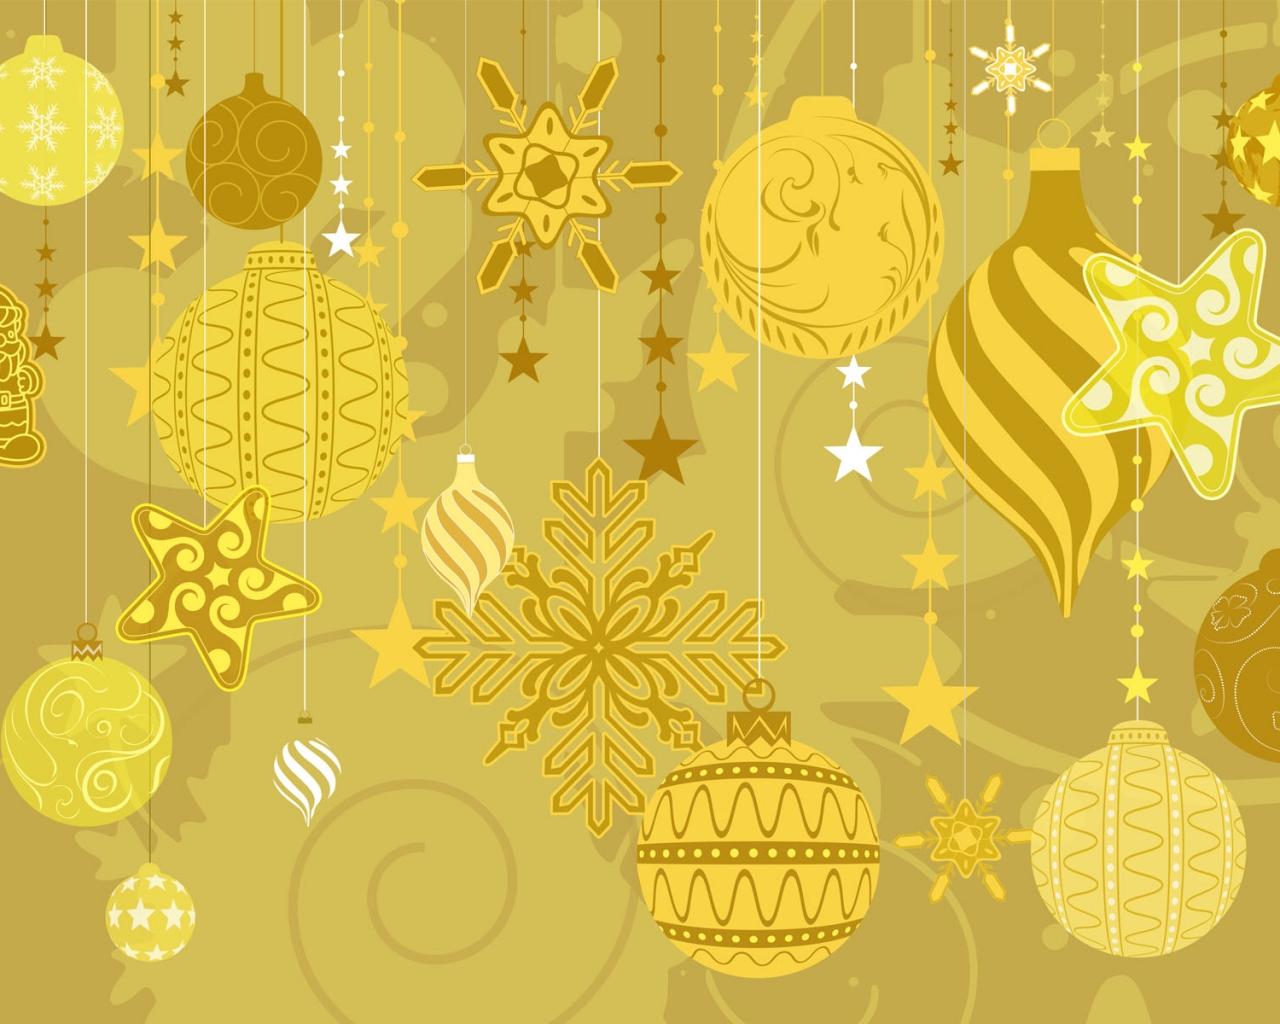 Fondo dorado con tema de navidad - 1280x1024